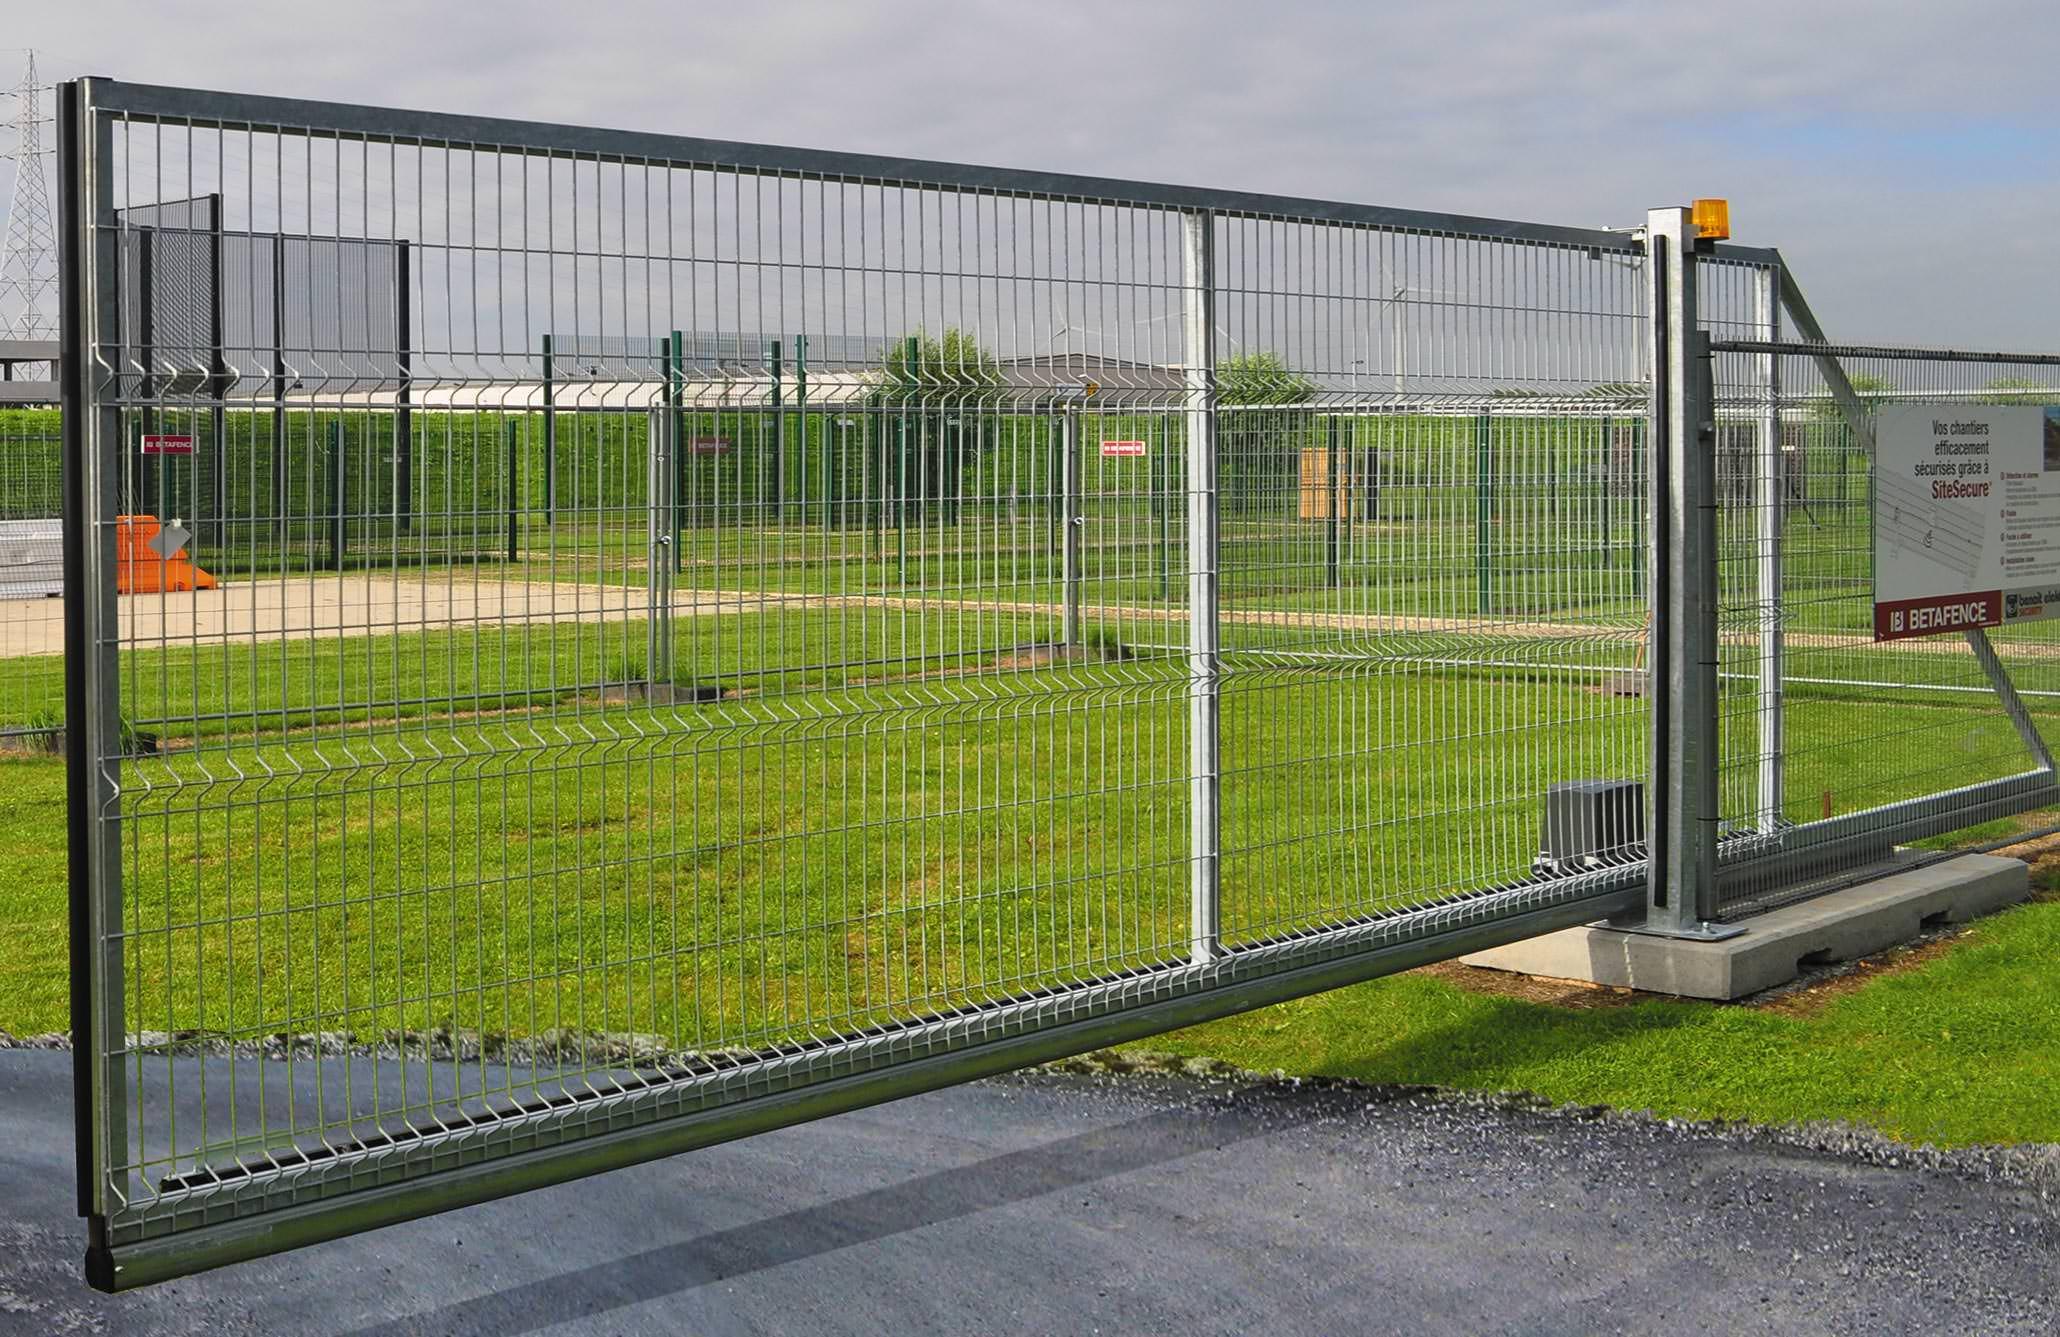 Mobiles schiebetor mit 4 60 m durchfahrtbreite f r z b for Schiebetor scheune selber bauen